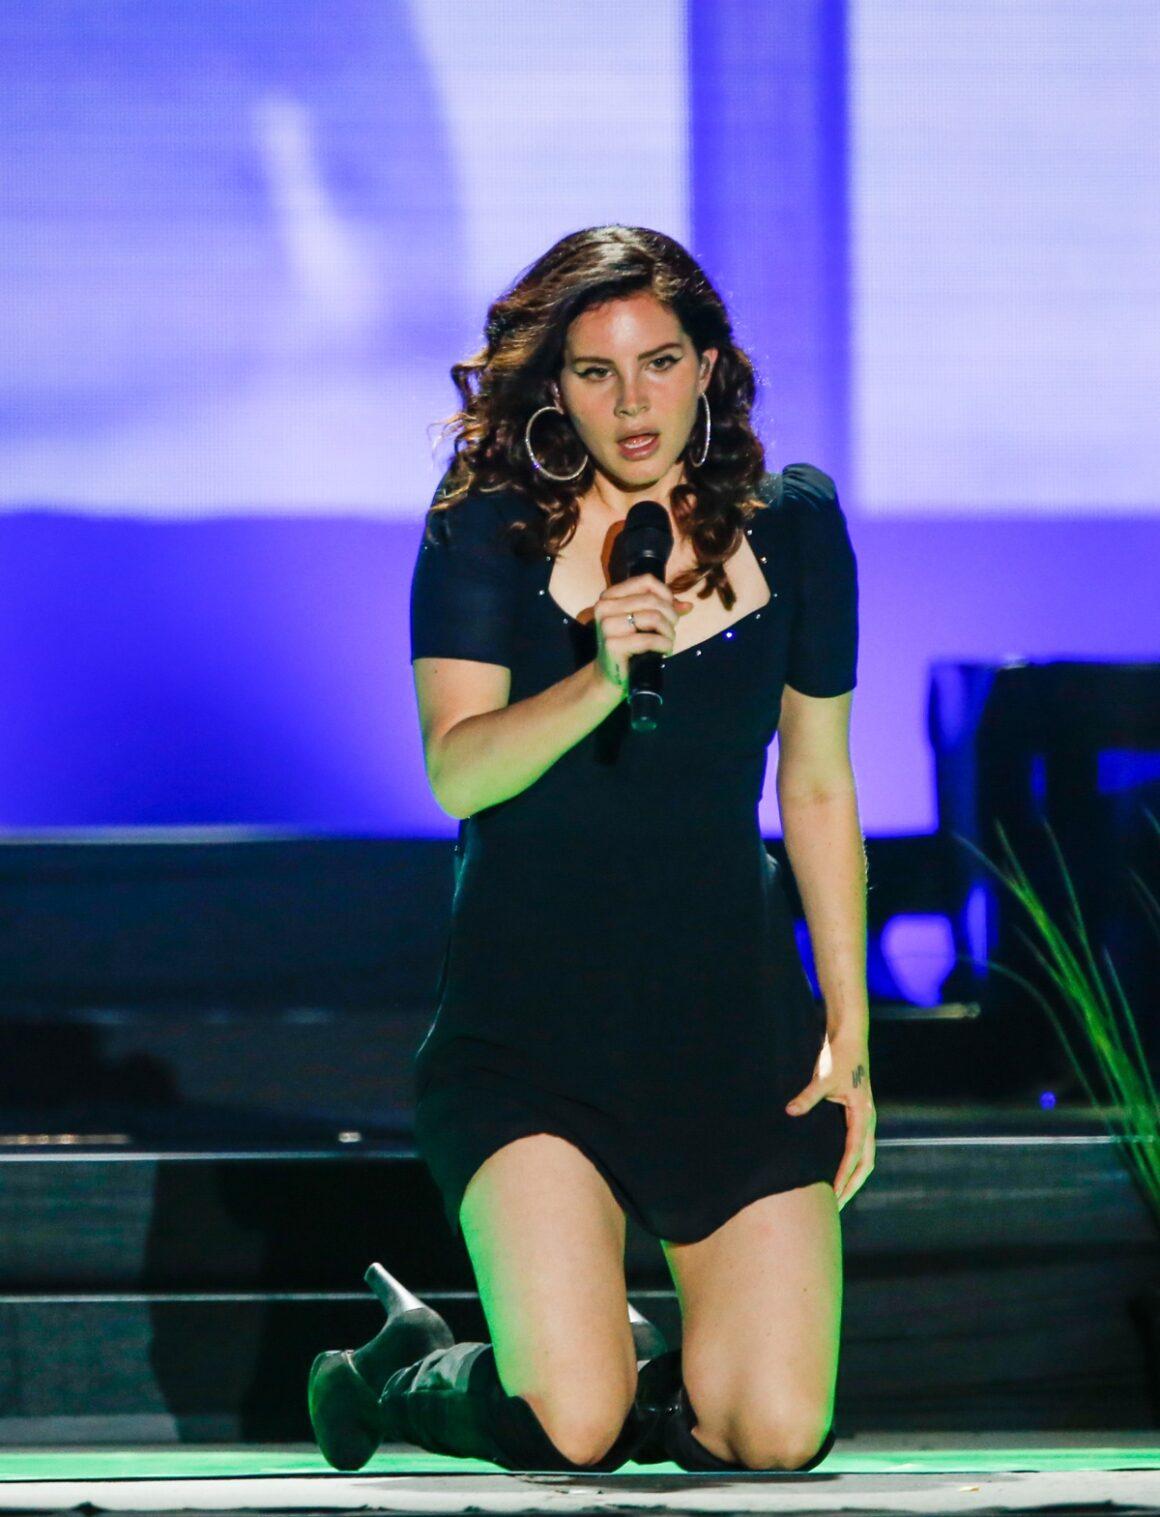 Lana Del Rey Lollapalooza Sao Paulo 2018 - Day 3